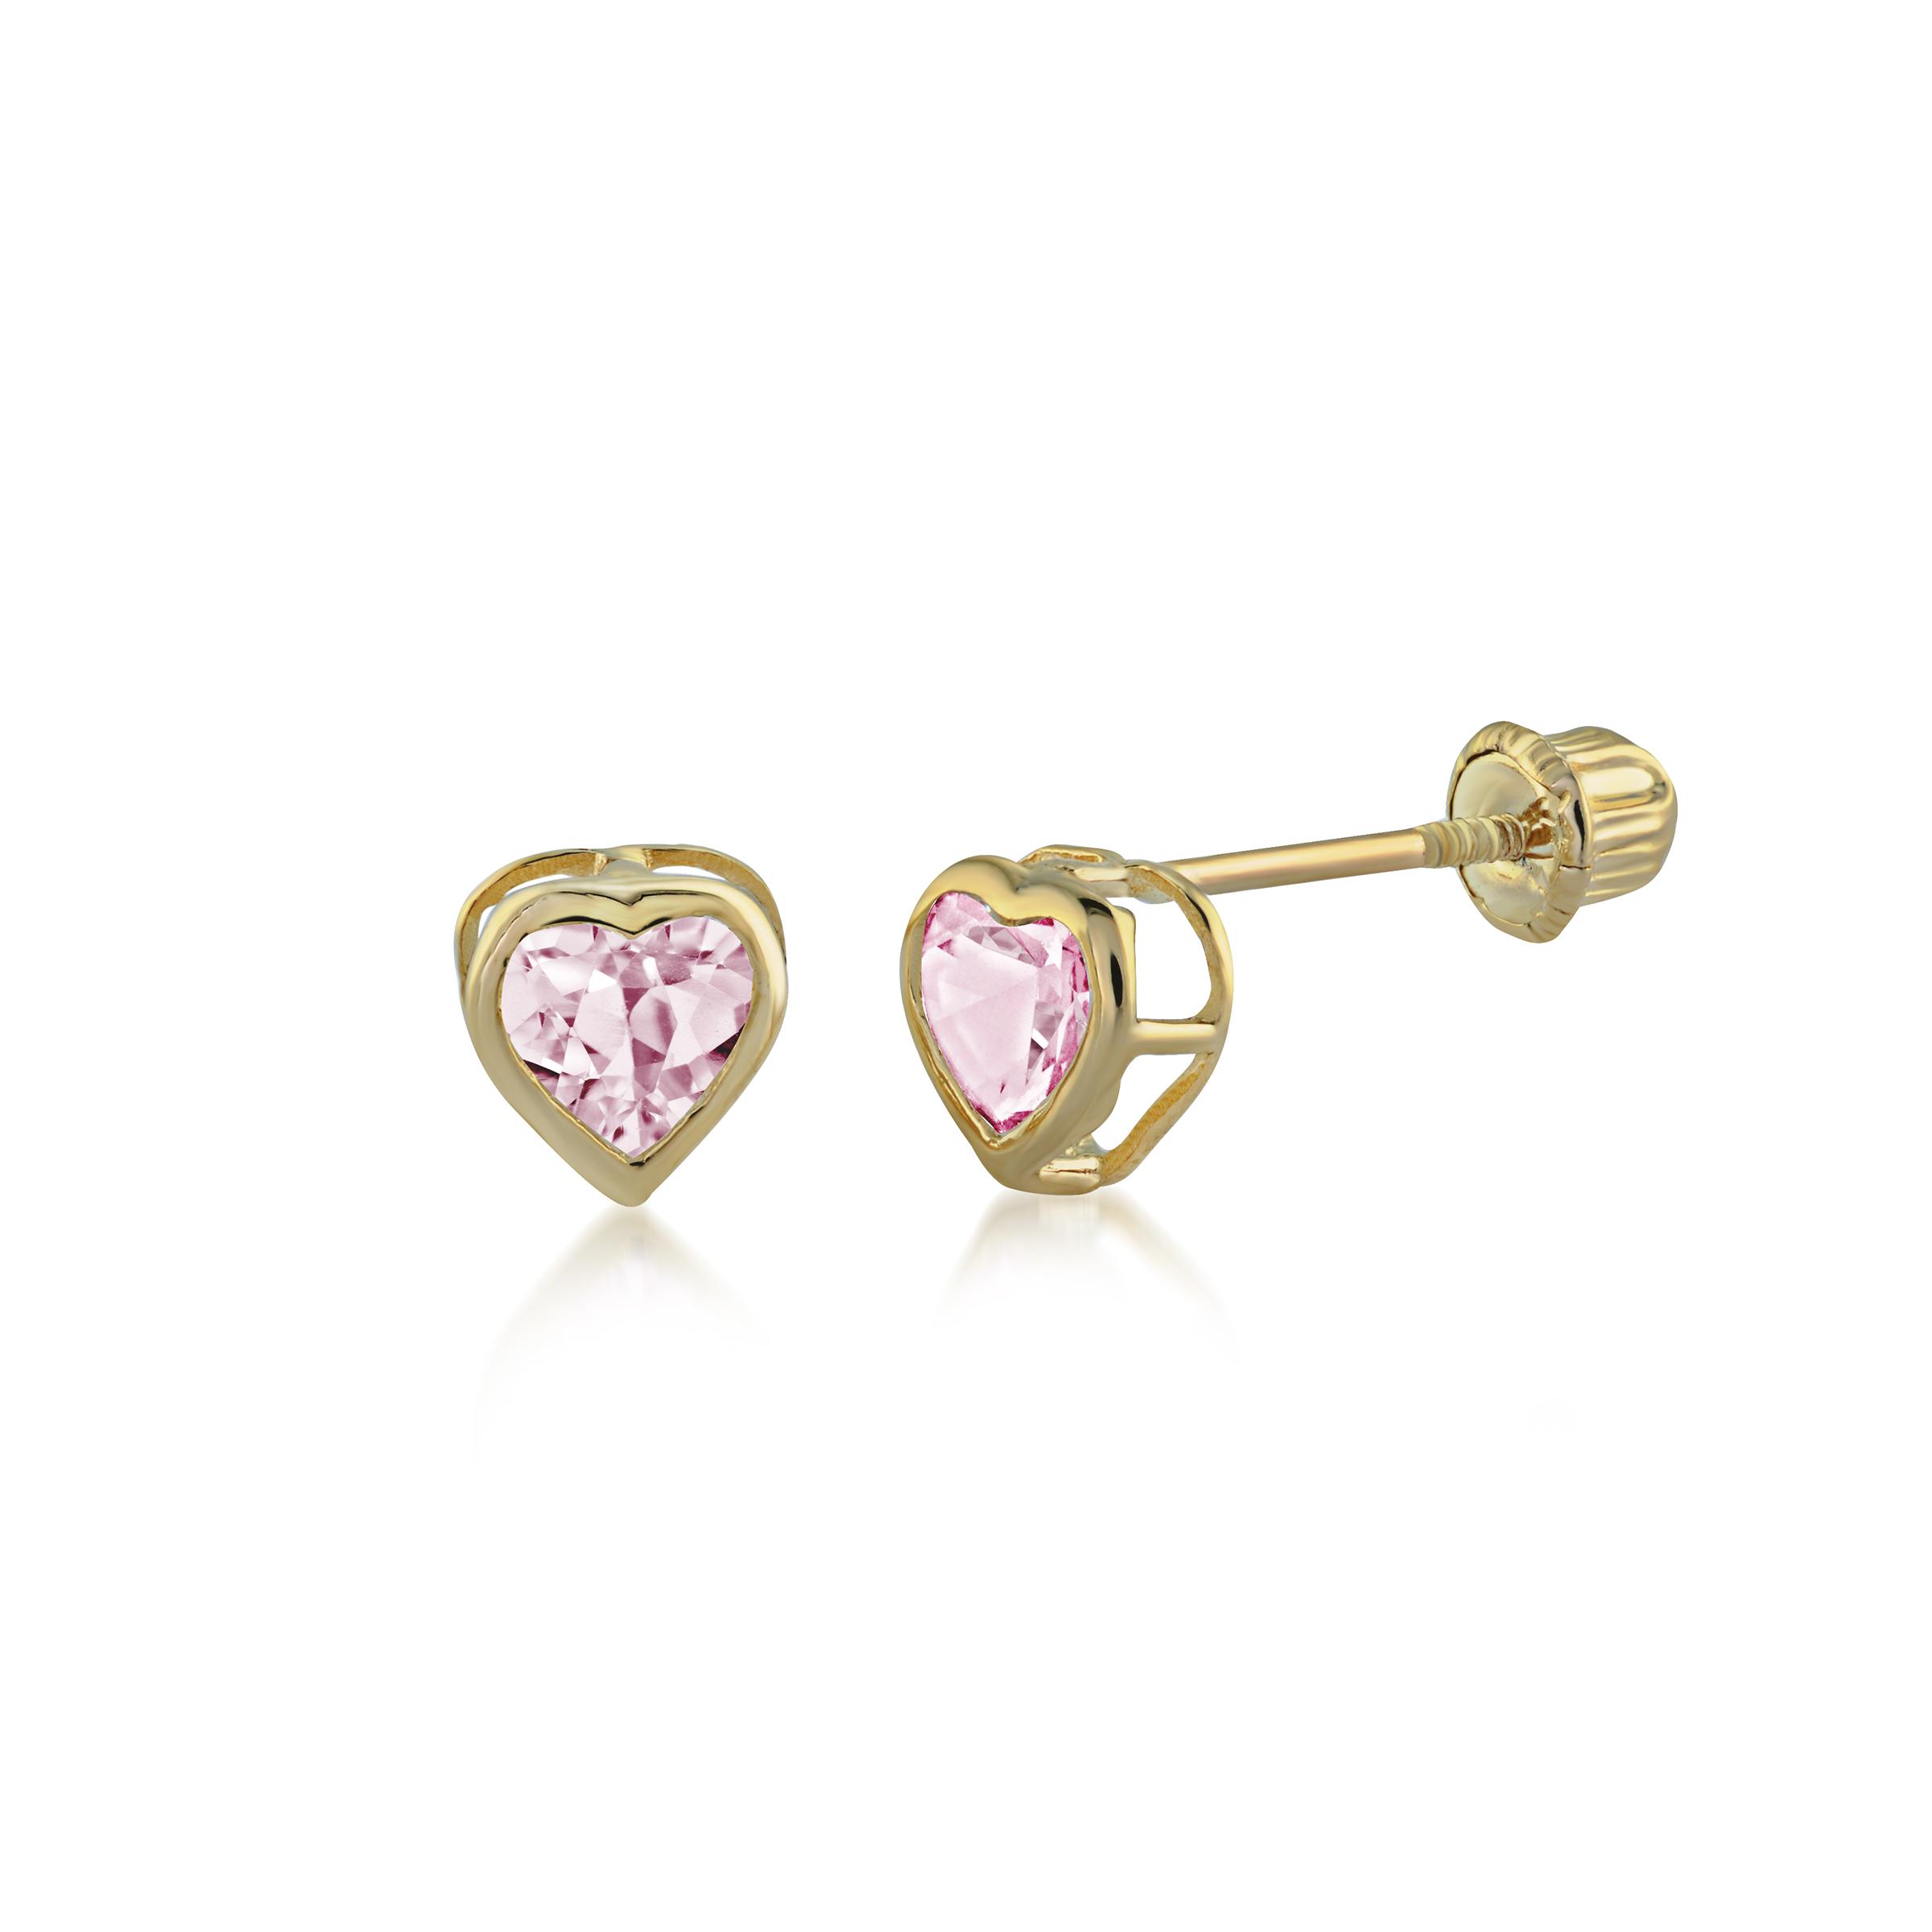 Boucles d'oreilles cœurs pour enfant - Or jaune 14K & zircons cubiques roses